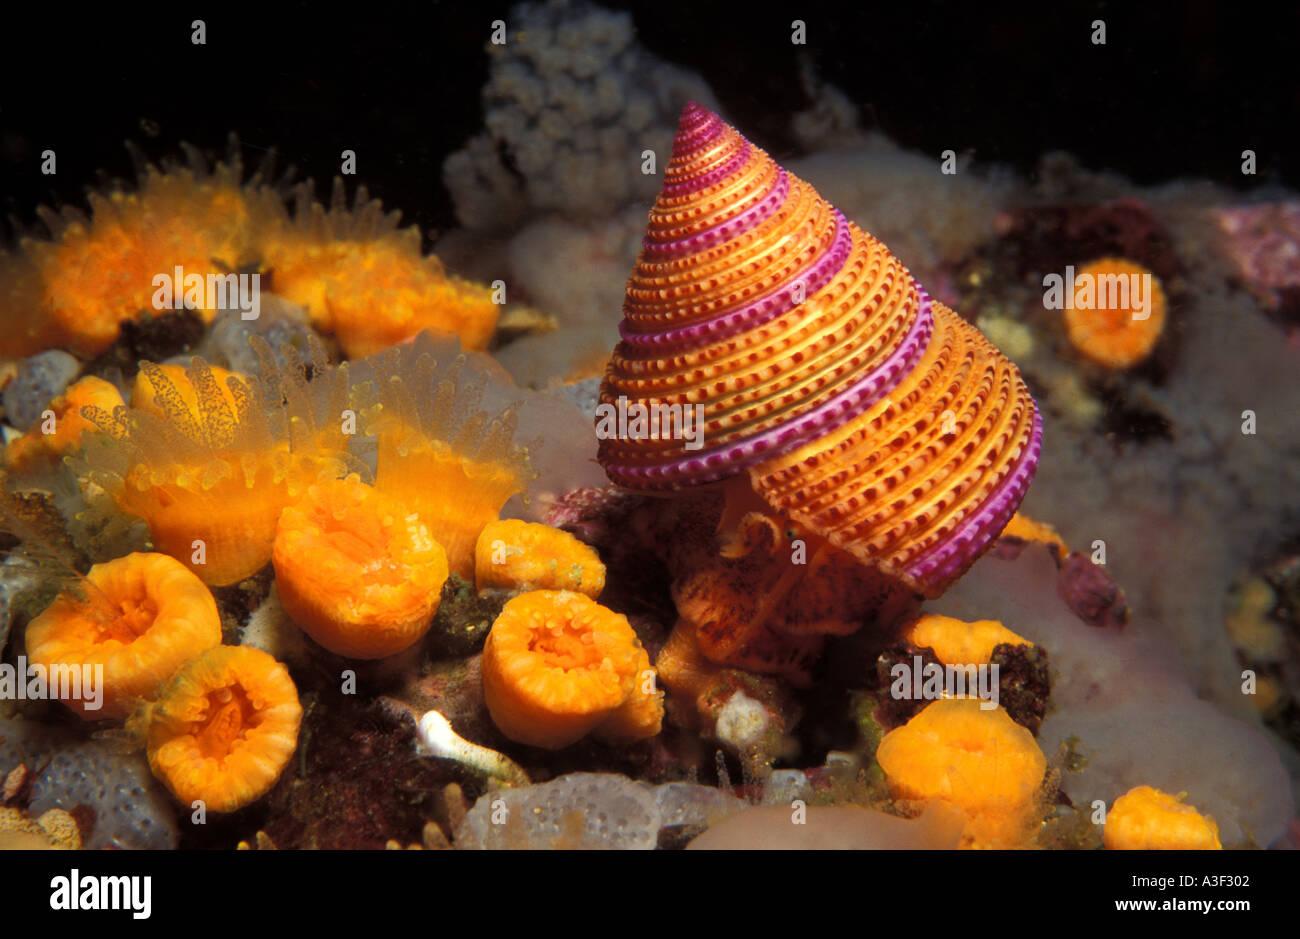 Foto FN 289 morado Caracol annulatum Calliostoma superior Photo Copyright Brandon Cole Imagen De Stock